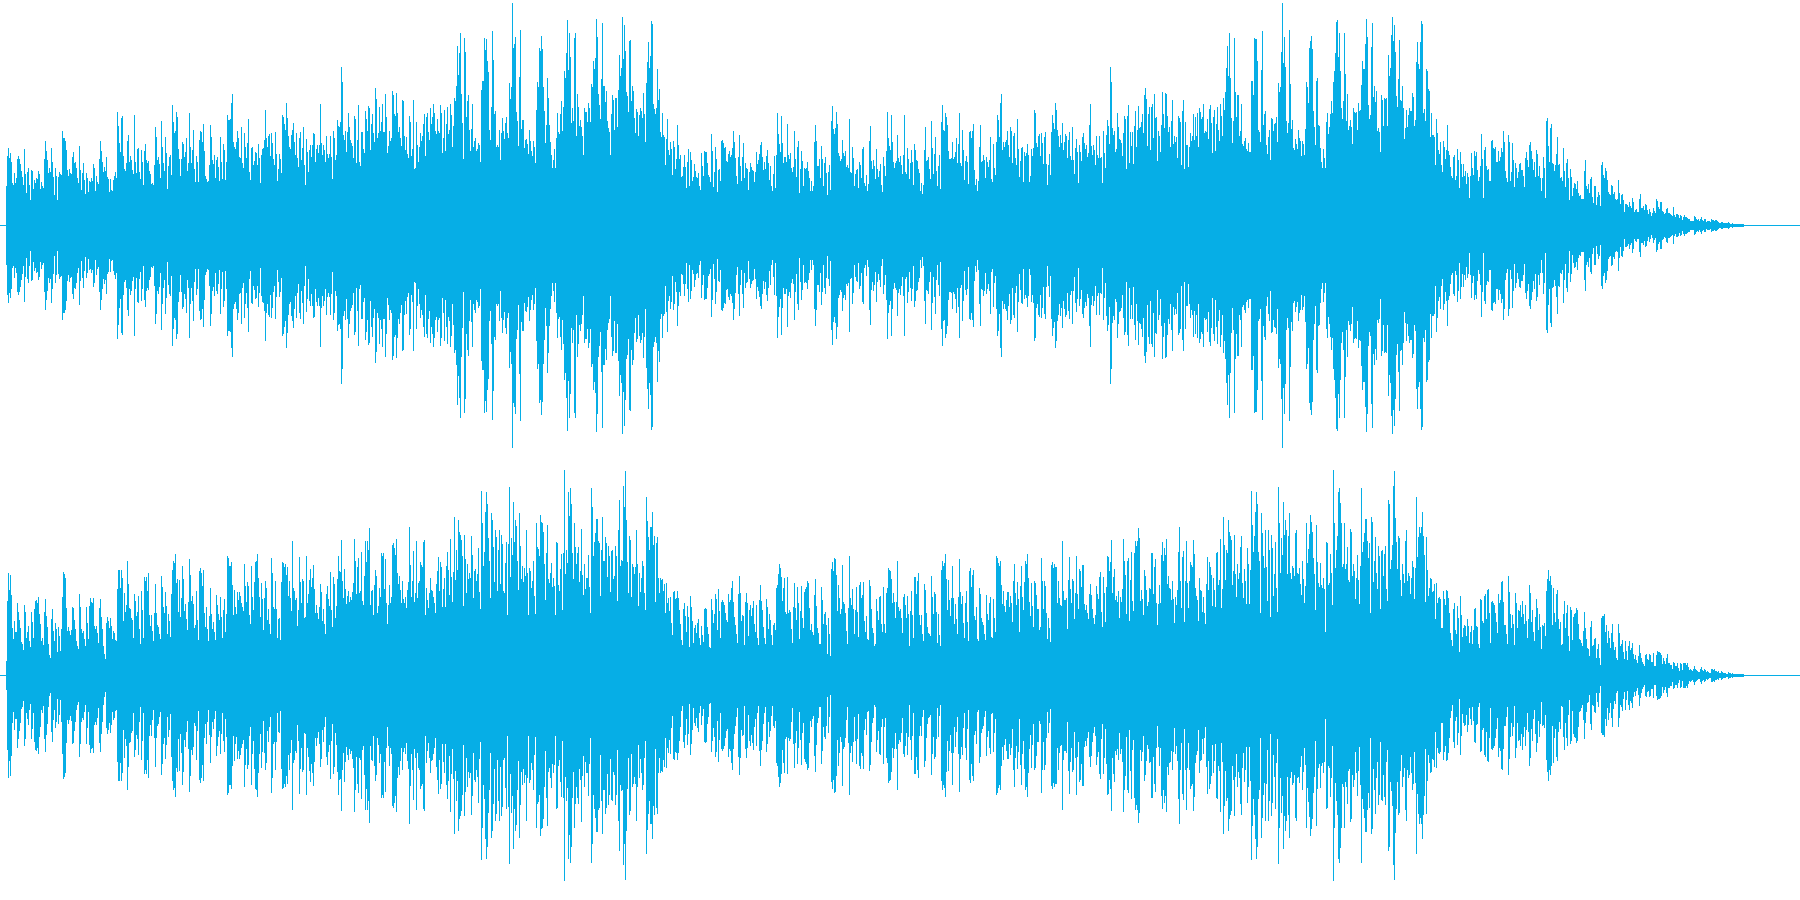 マジカルファクトリー【アコースティック】の再生済みの波形